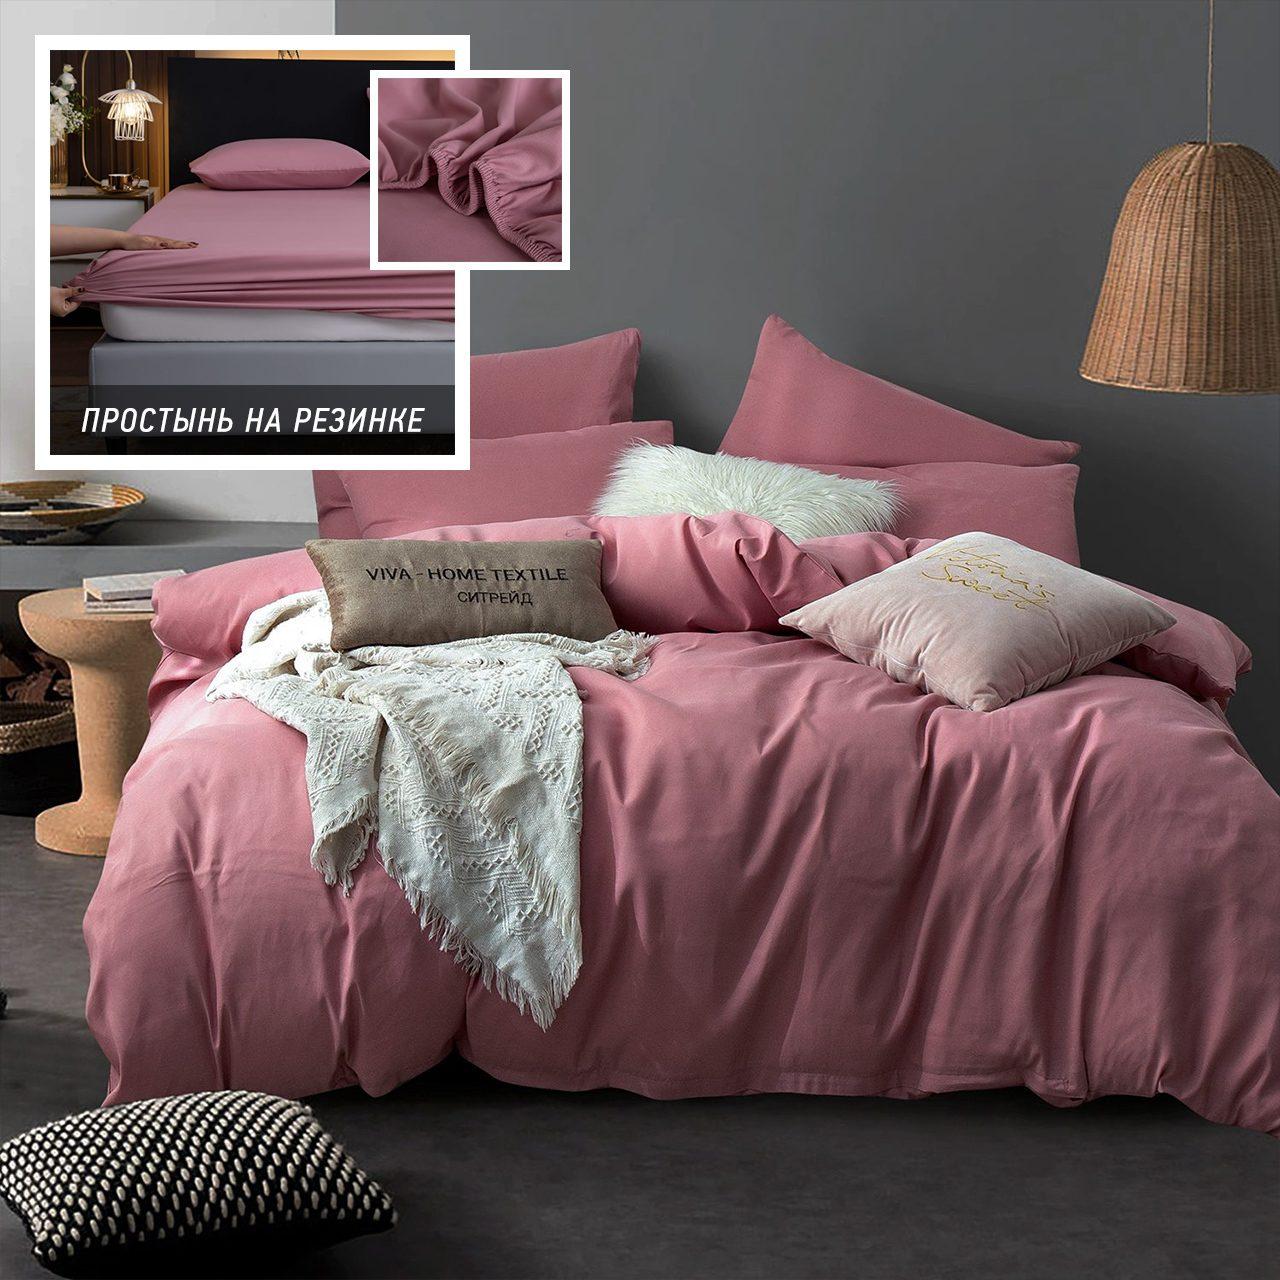 Комплект постельного белья Однотонный Сатин на резинке CSR026